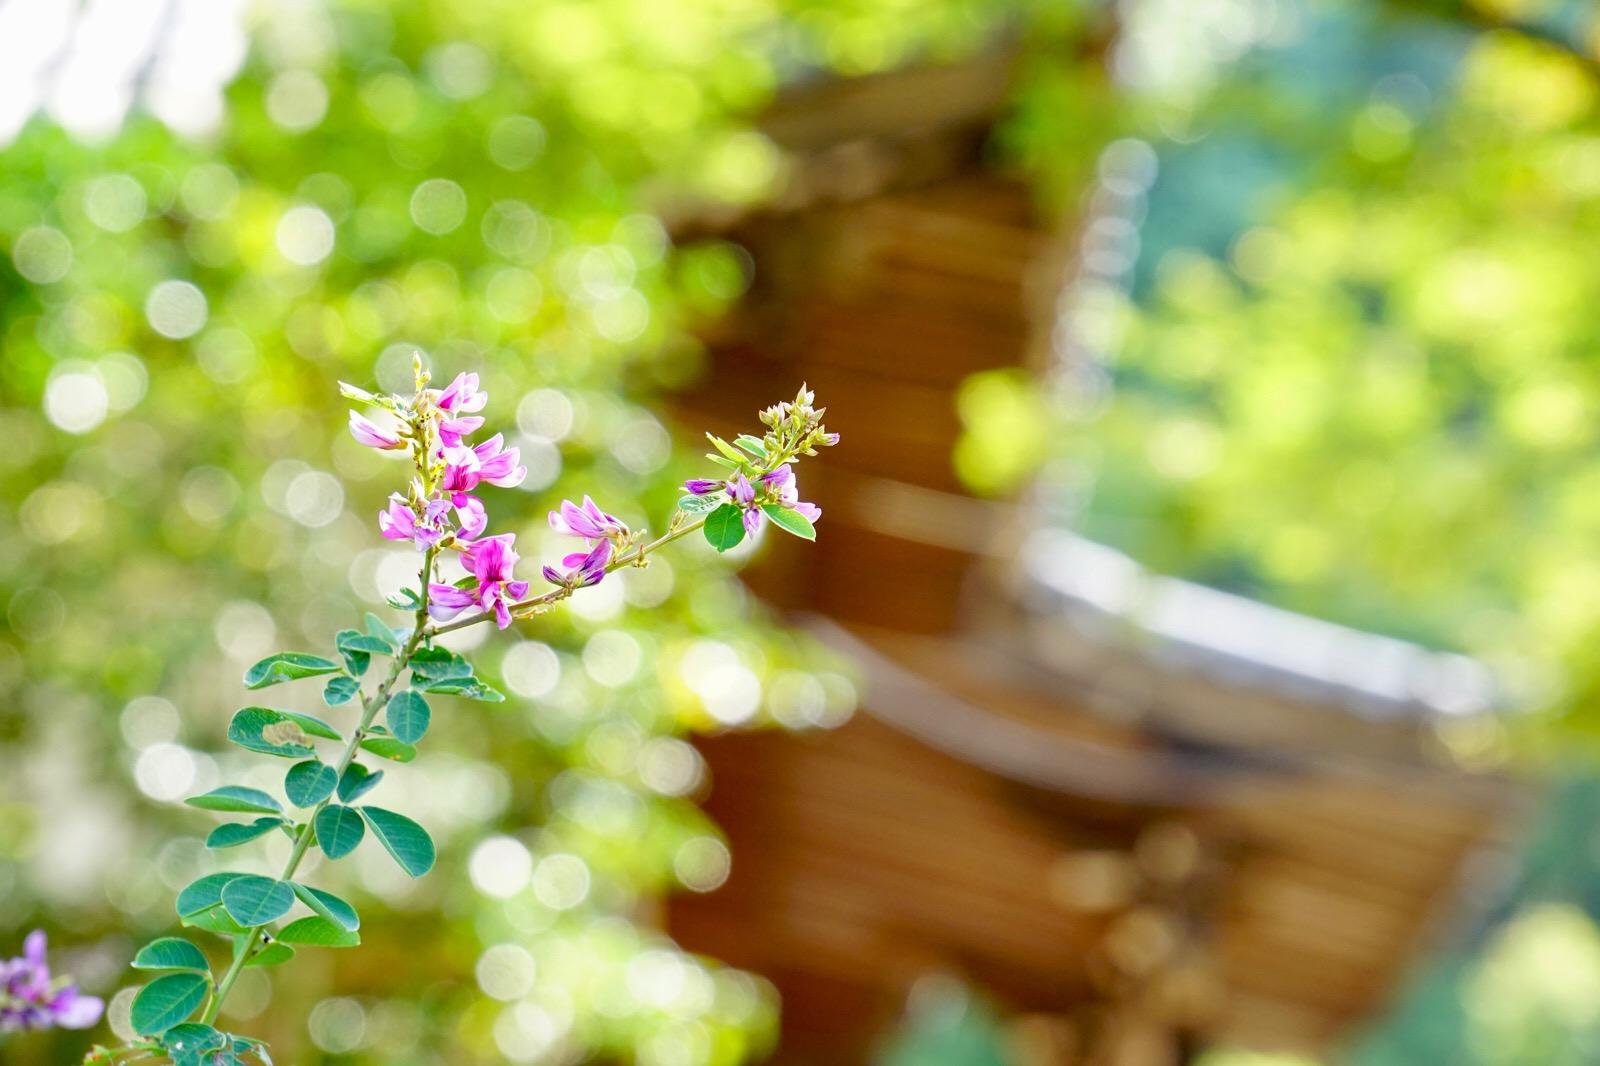 石段の両脇にしだれ咲く姿はとても美しいです。